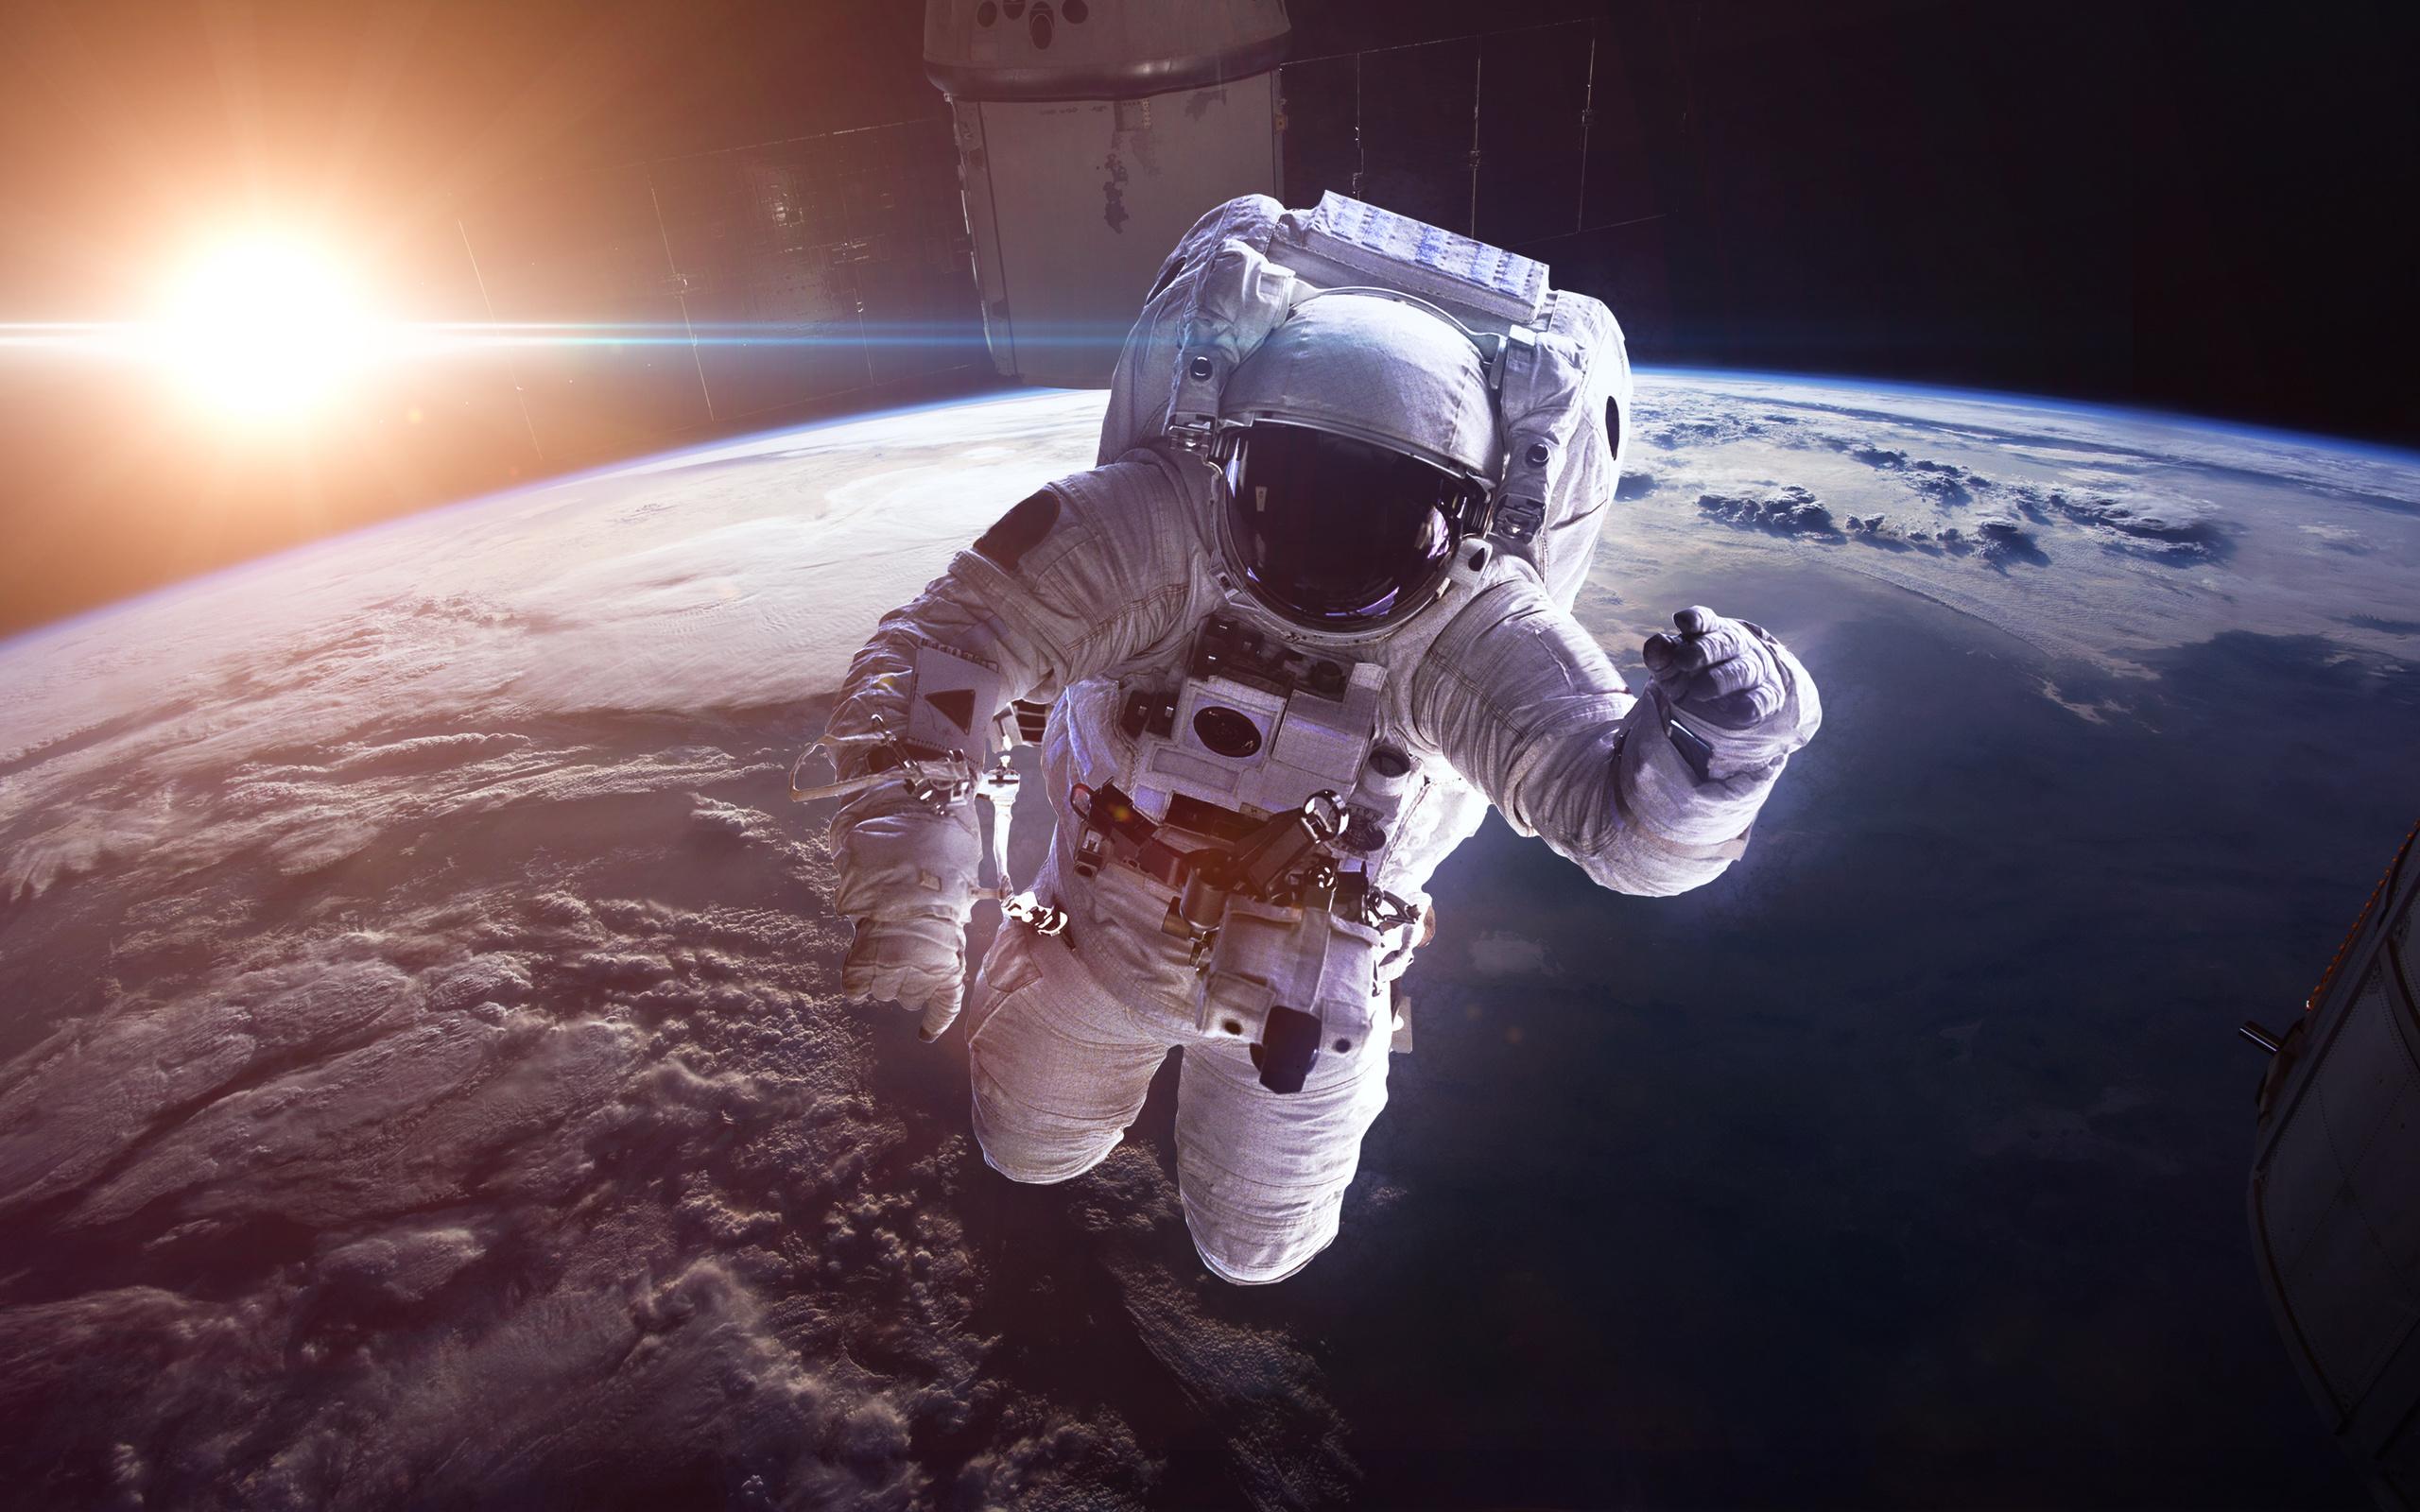 картинки космос и космонавт это значит